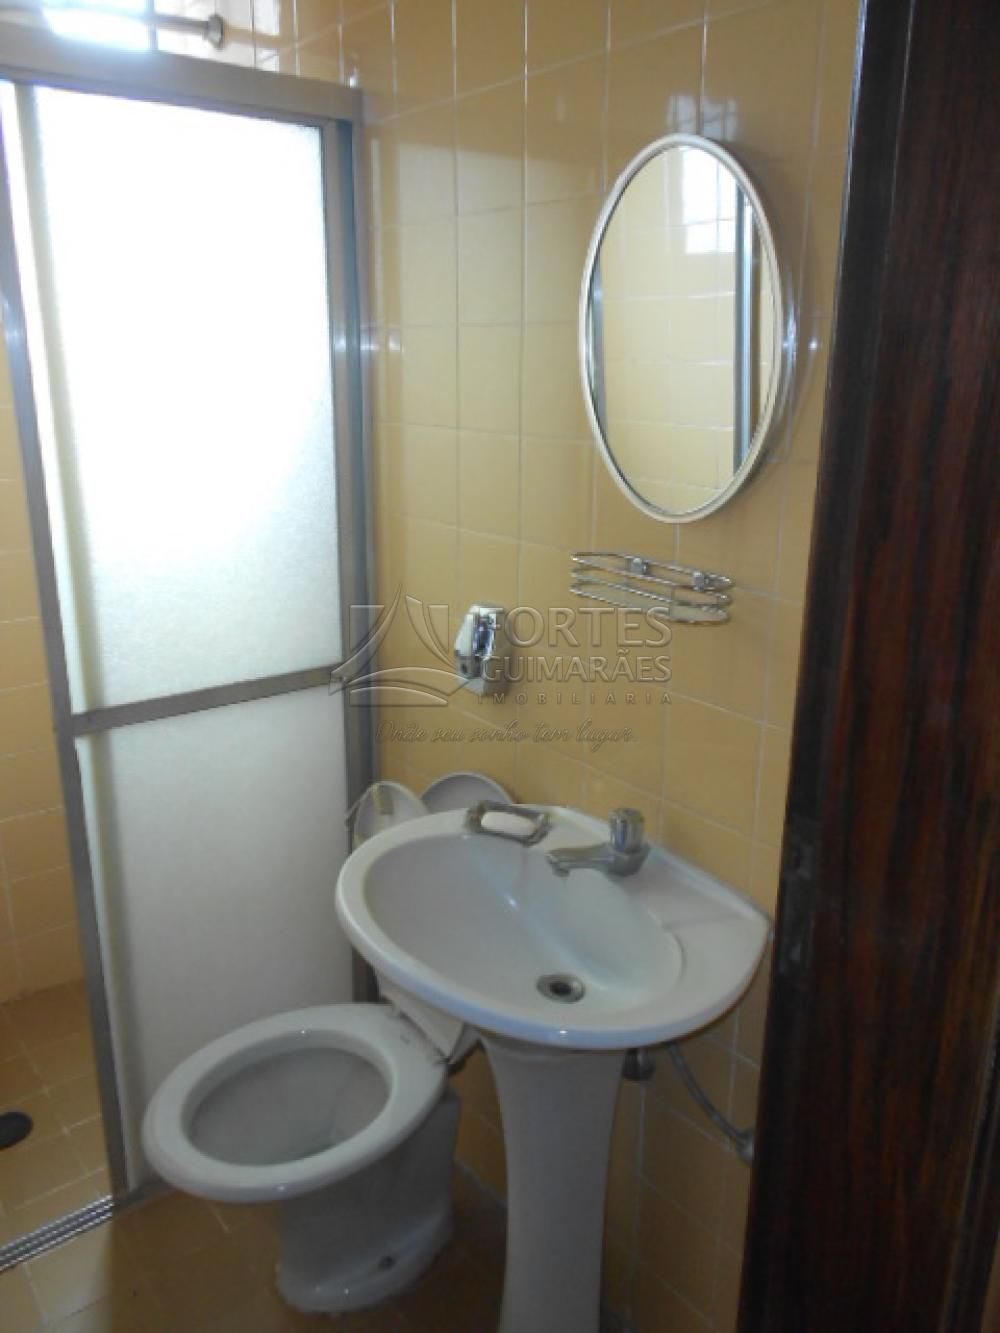 Alugar Apartamentos / Padrão em Ribeirão Preto apenas R$ 1.500,00 - Foto 75